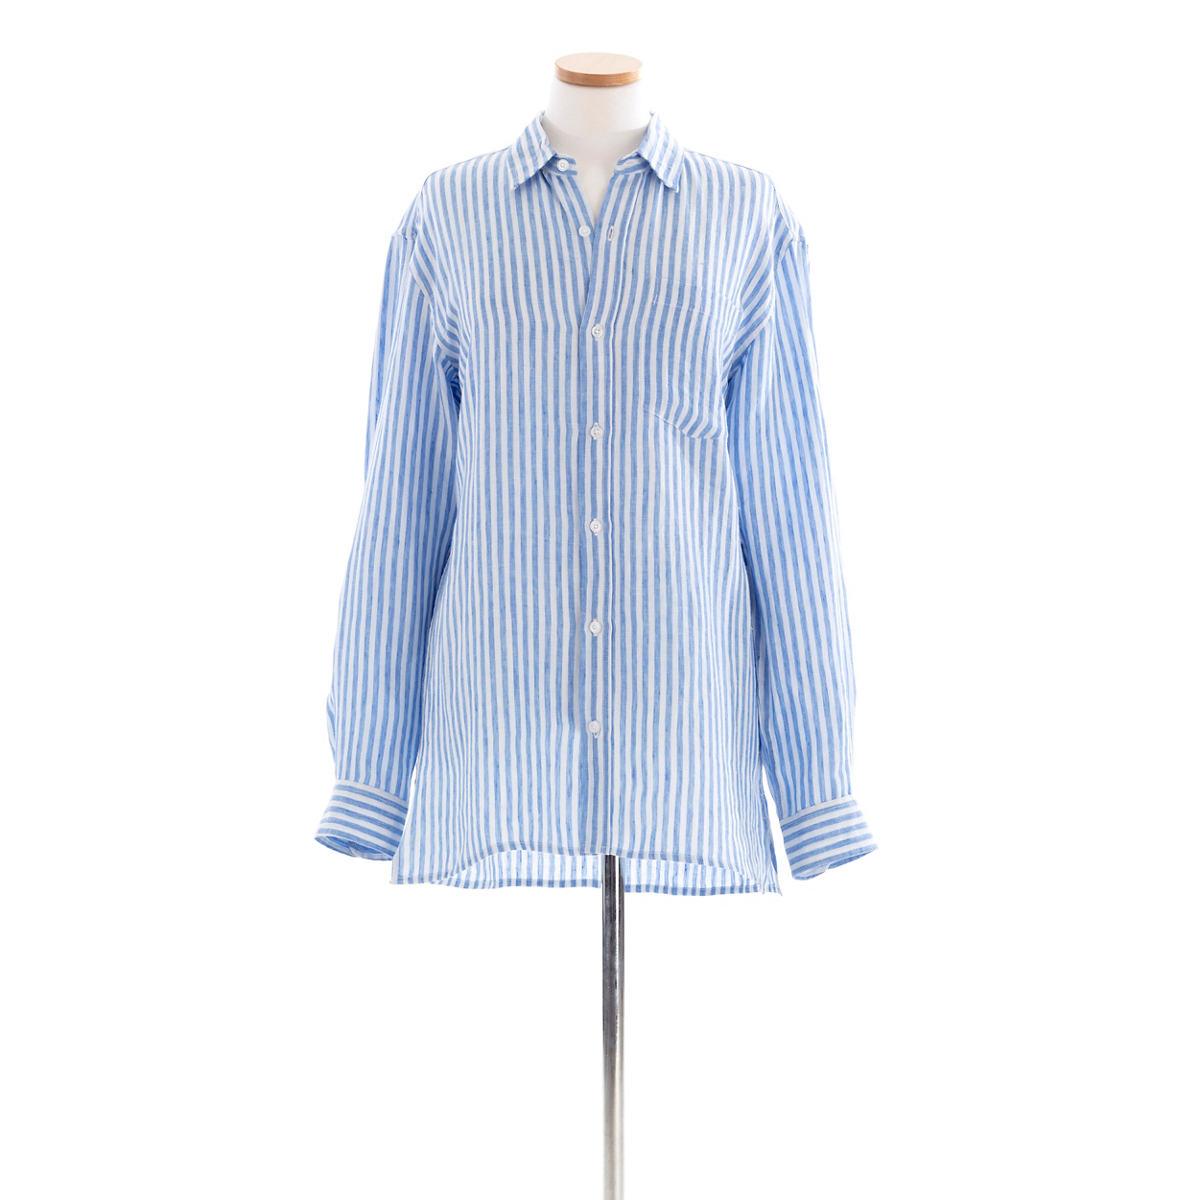 Reese Linen Blue Stripe Shirt